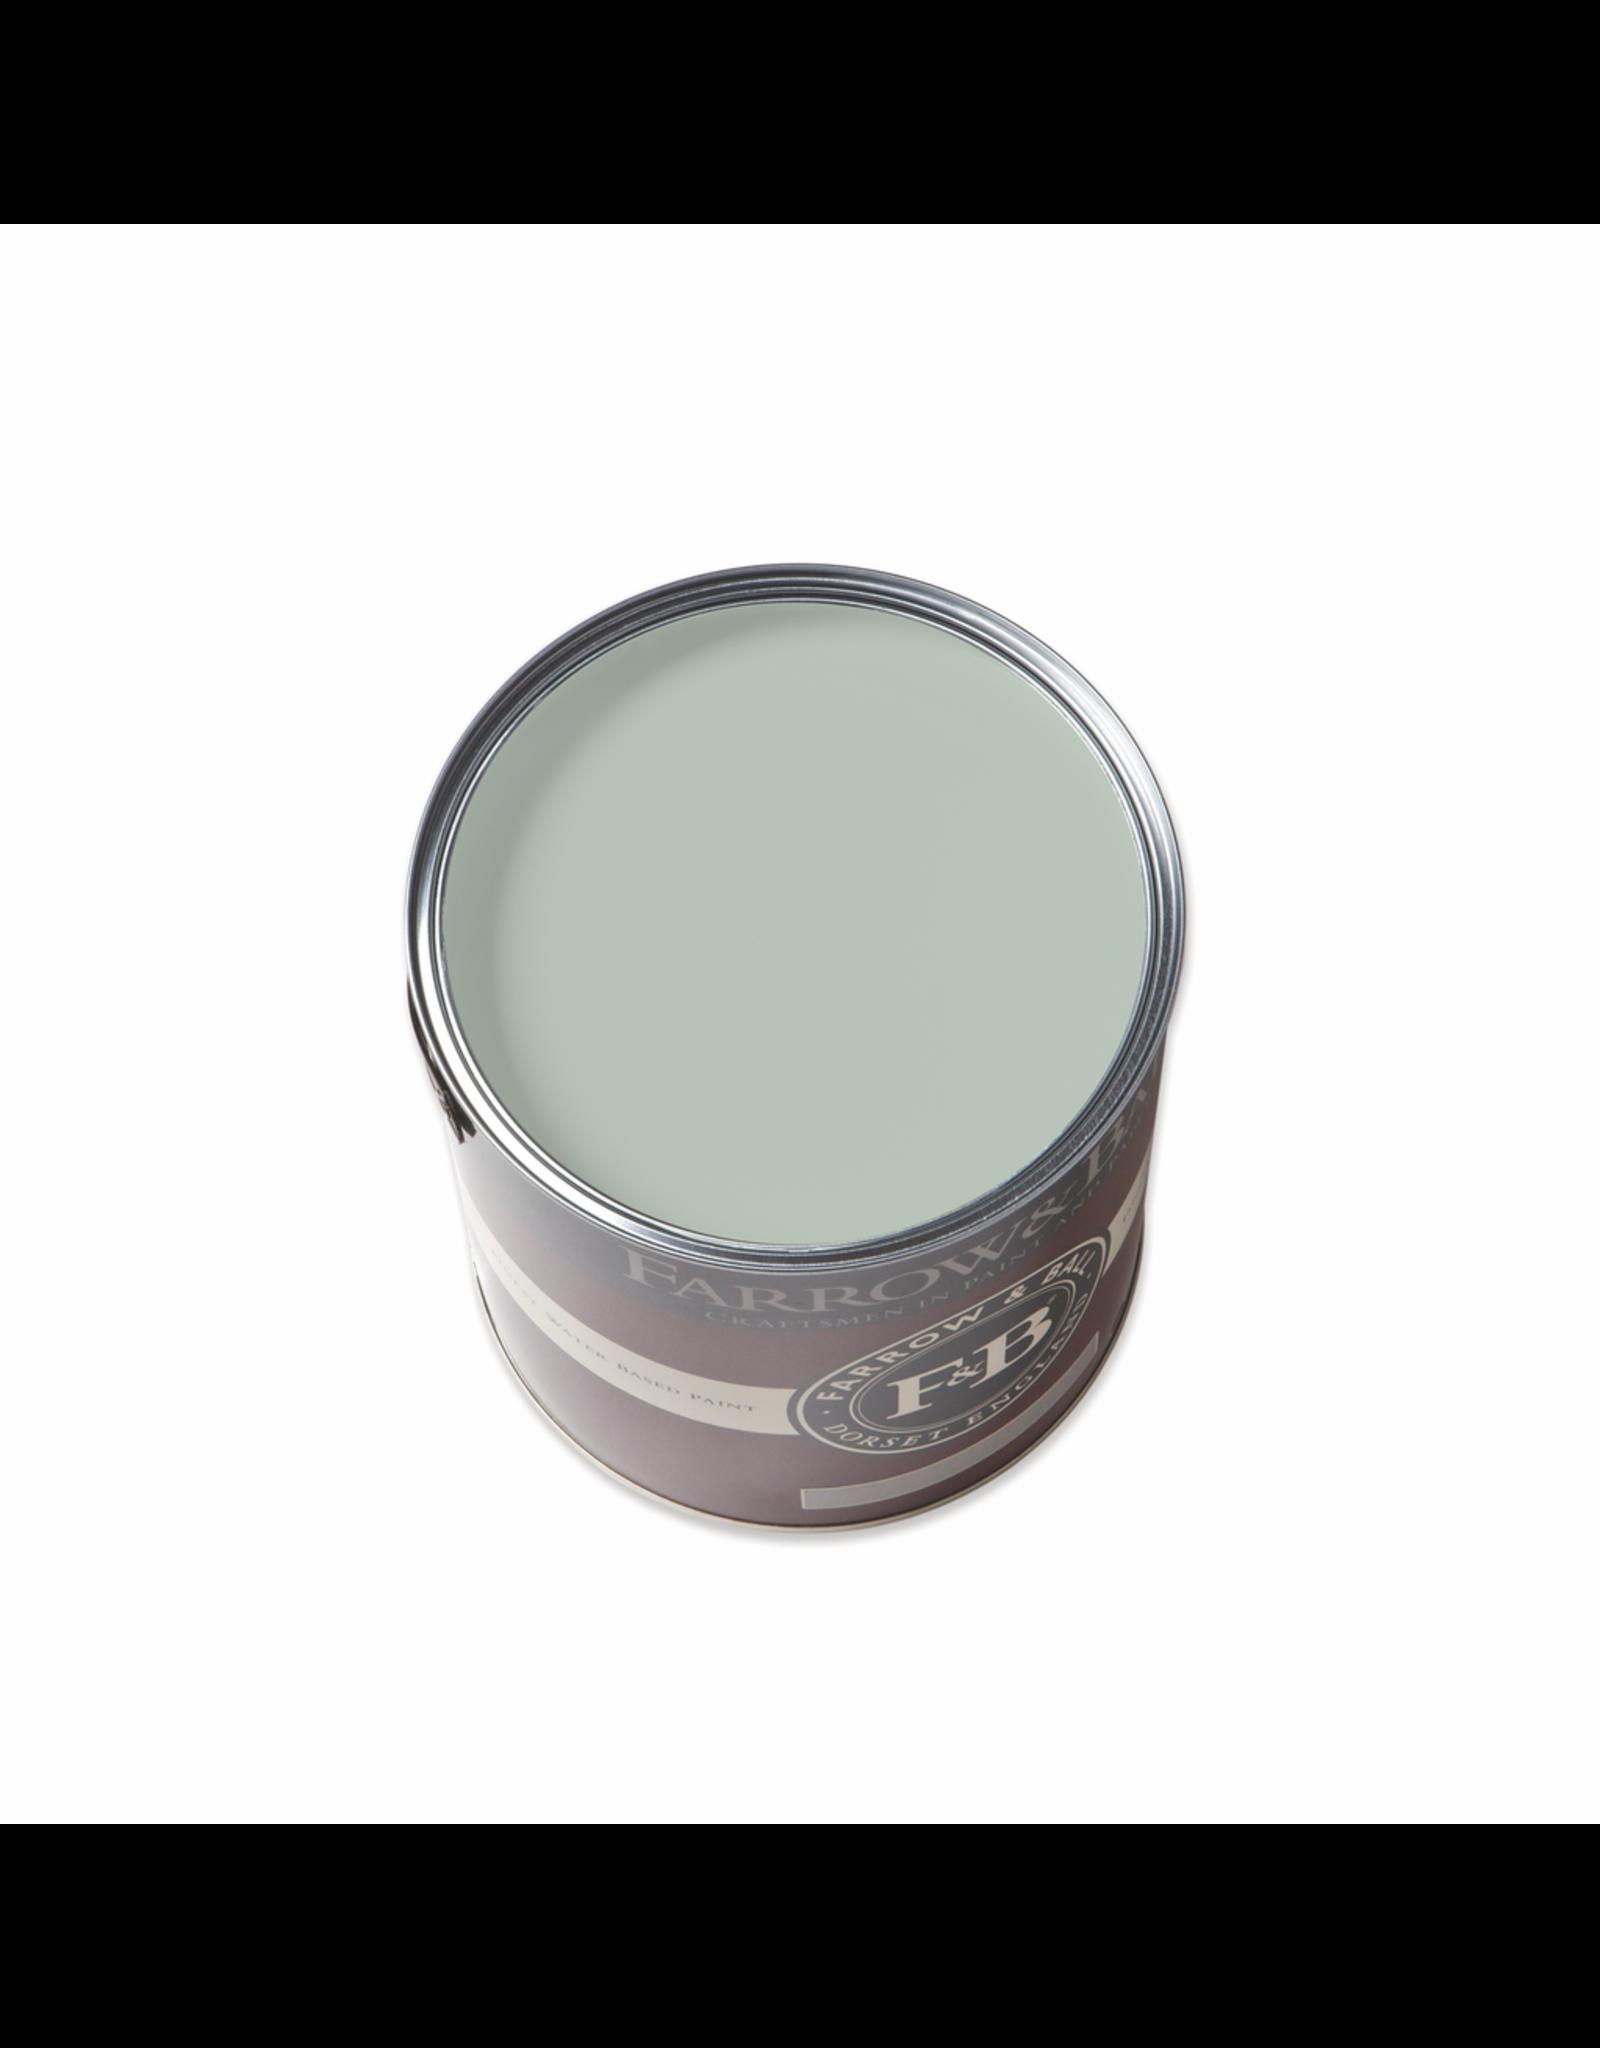 Farrow and Ball Gallon Modern Emulsion Teresa's Green No. 236